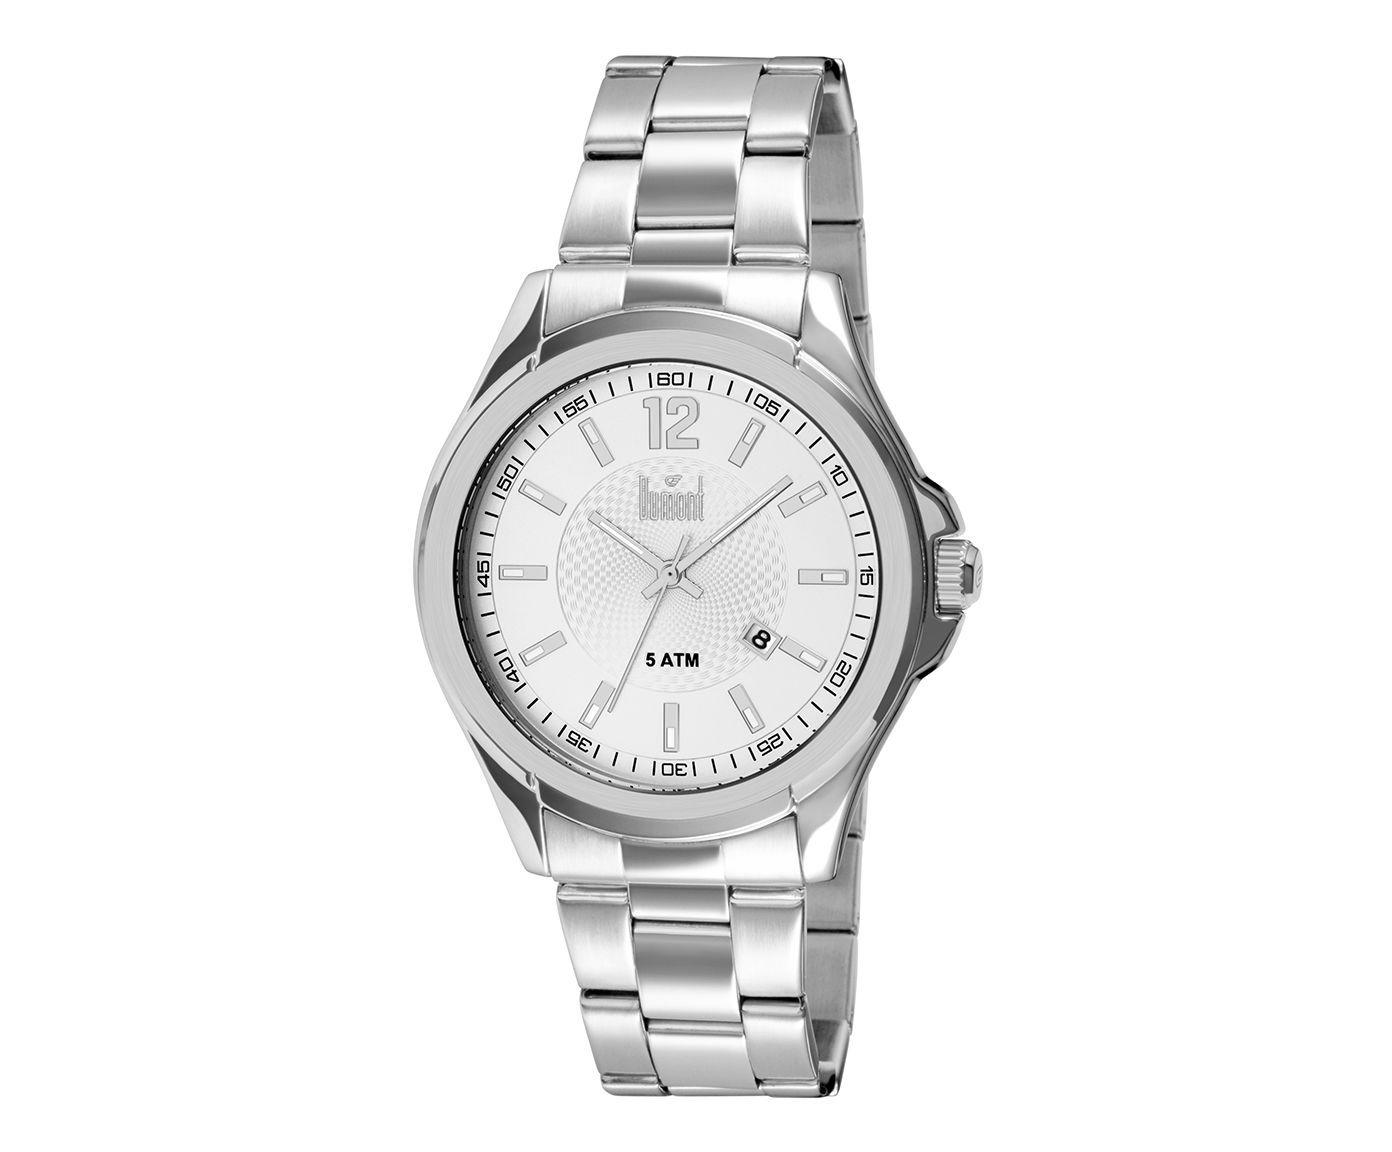 Relógio Dumont Prateado | Westwing.com.br